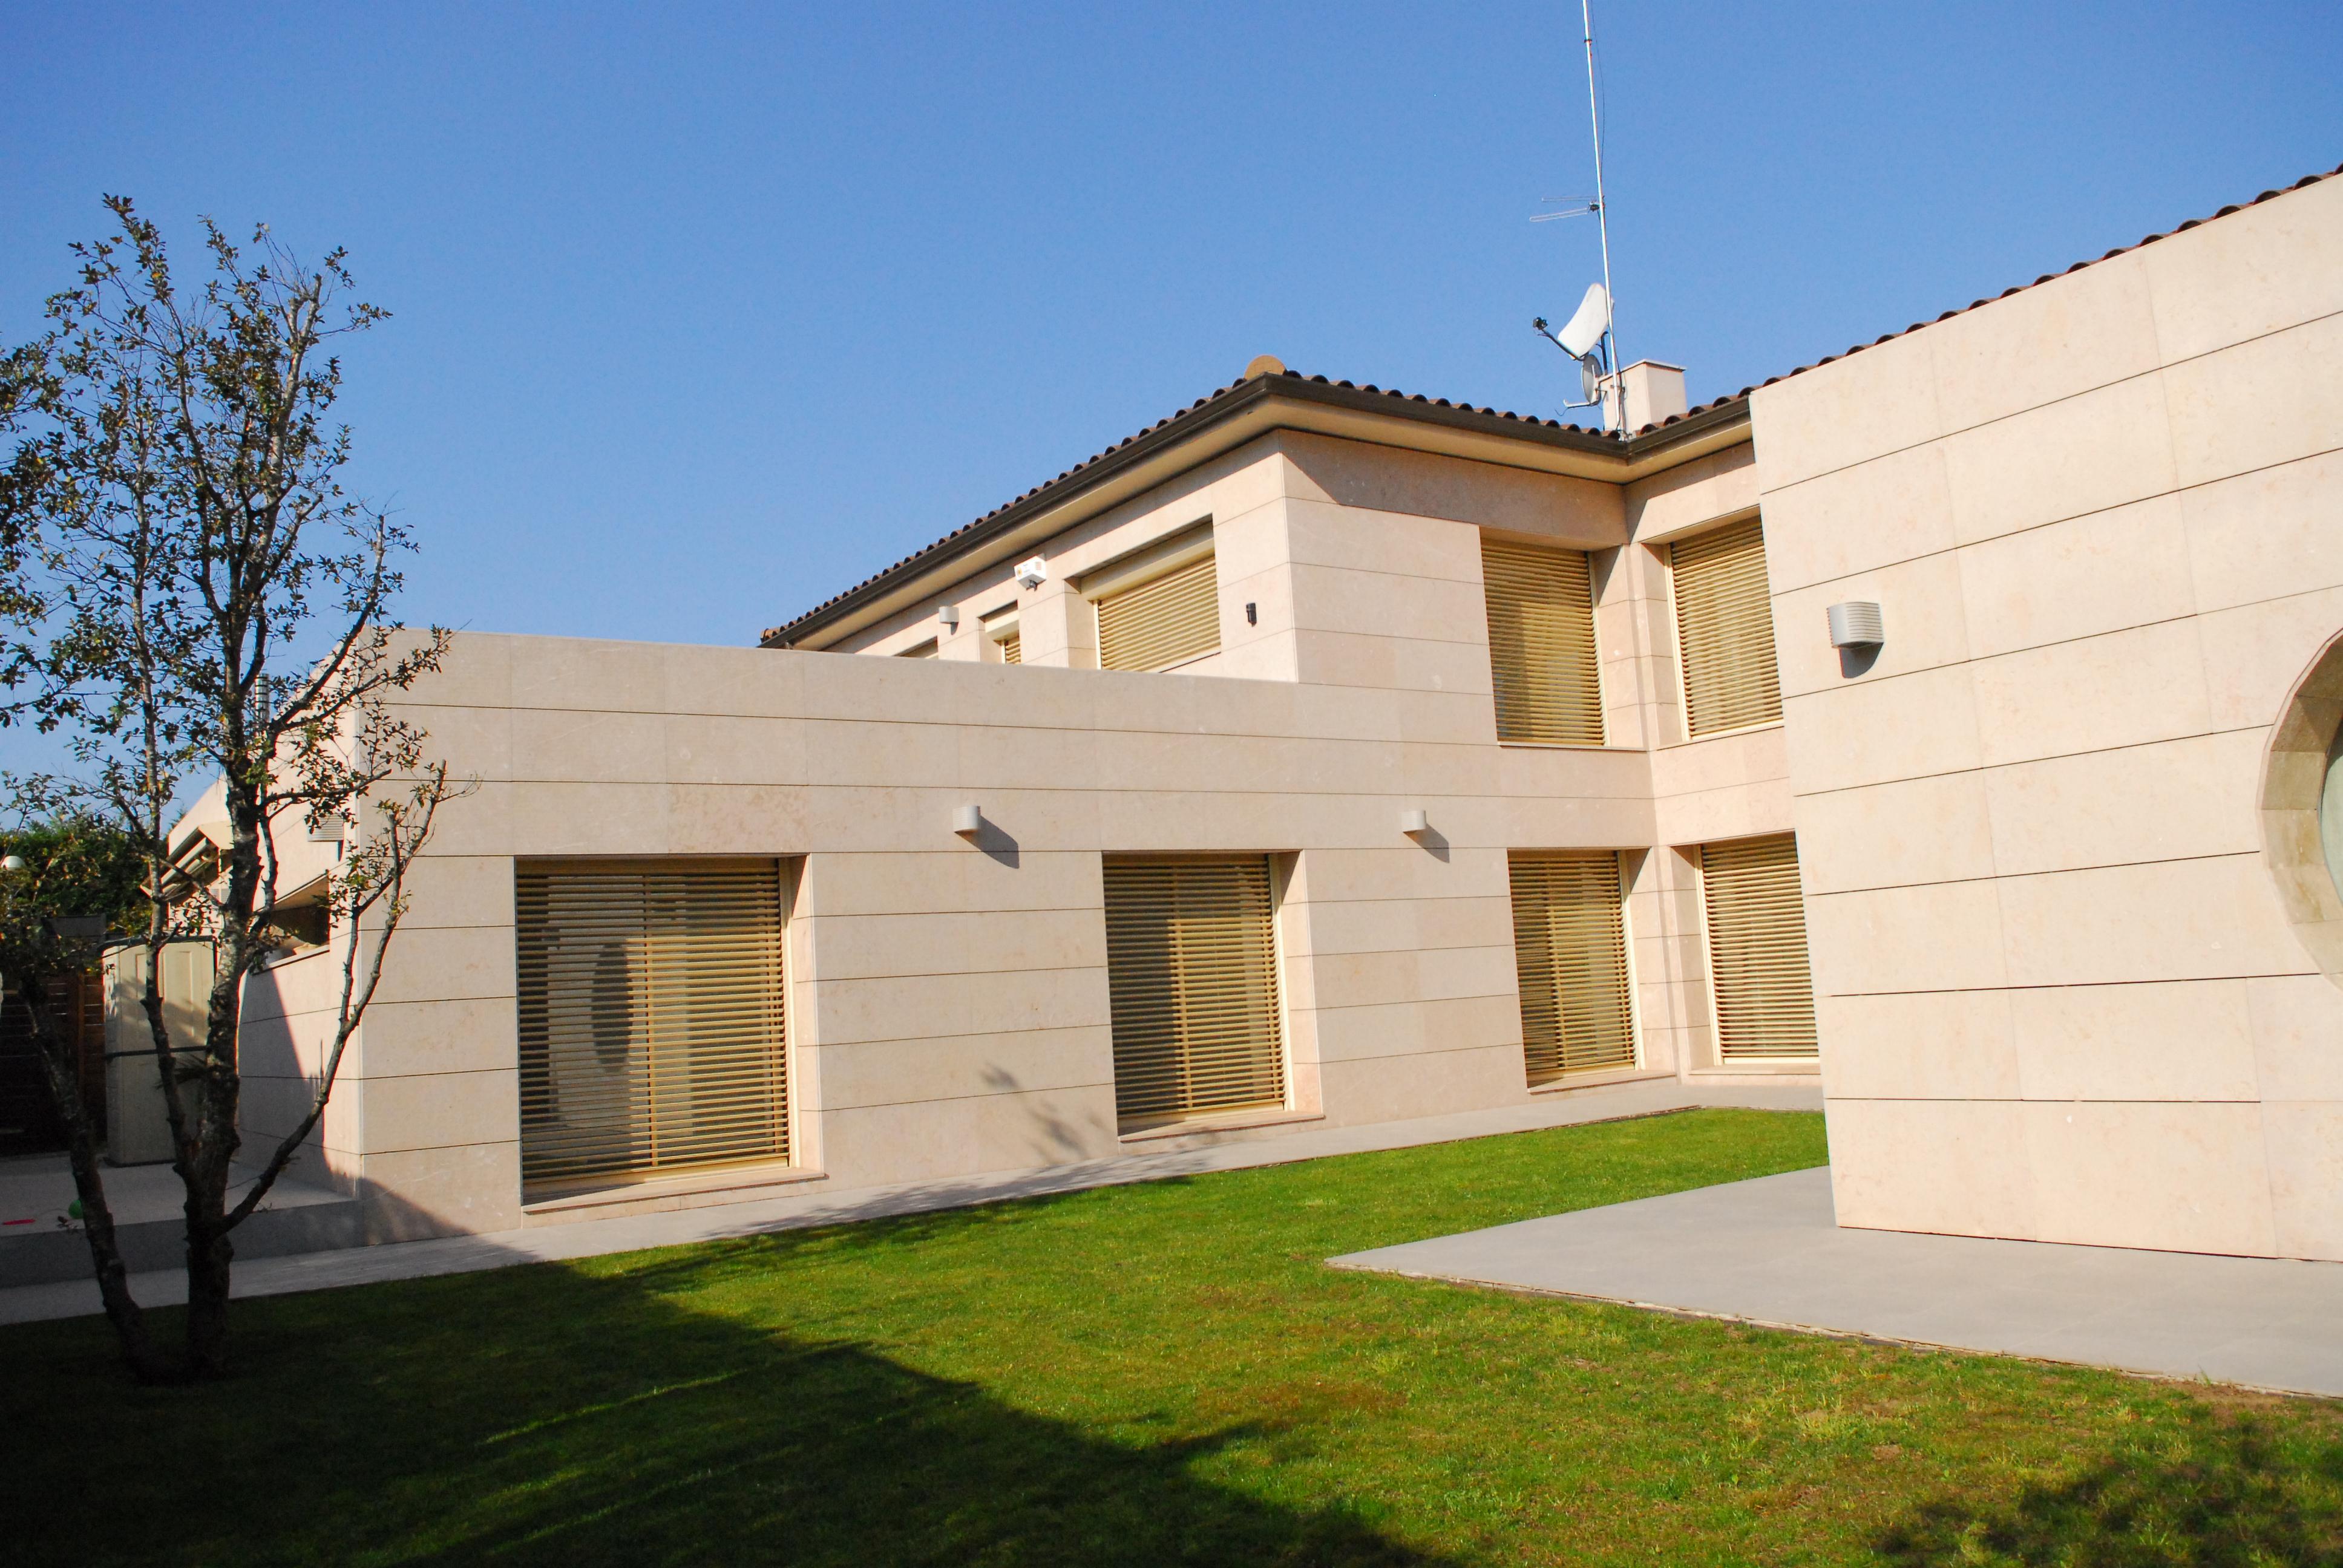 Materiales de fachada ventilada en vivienda unifamiliar. Sistema Masa